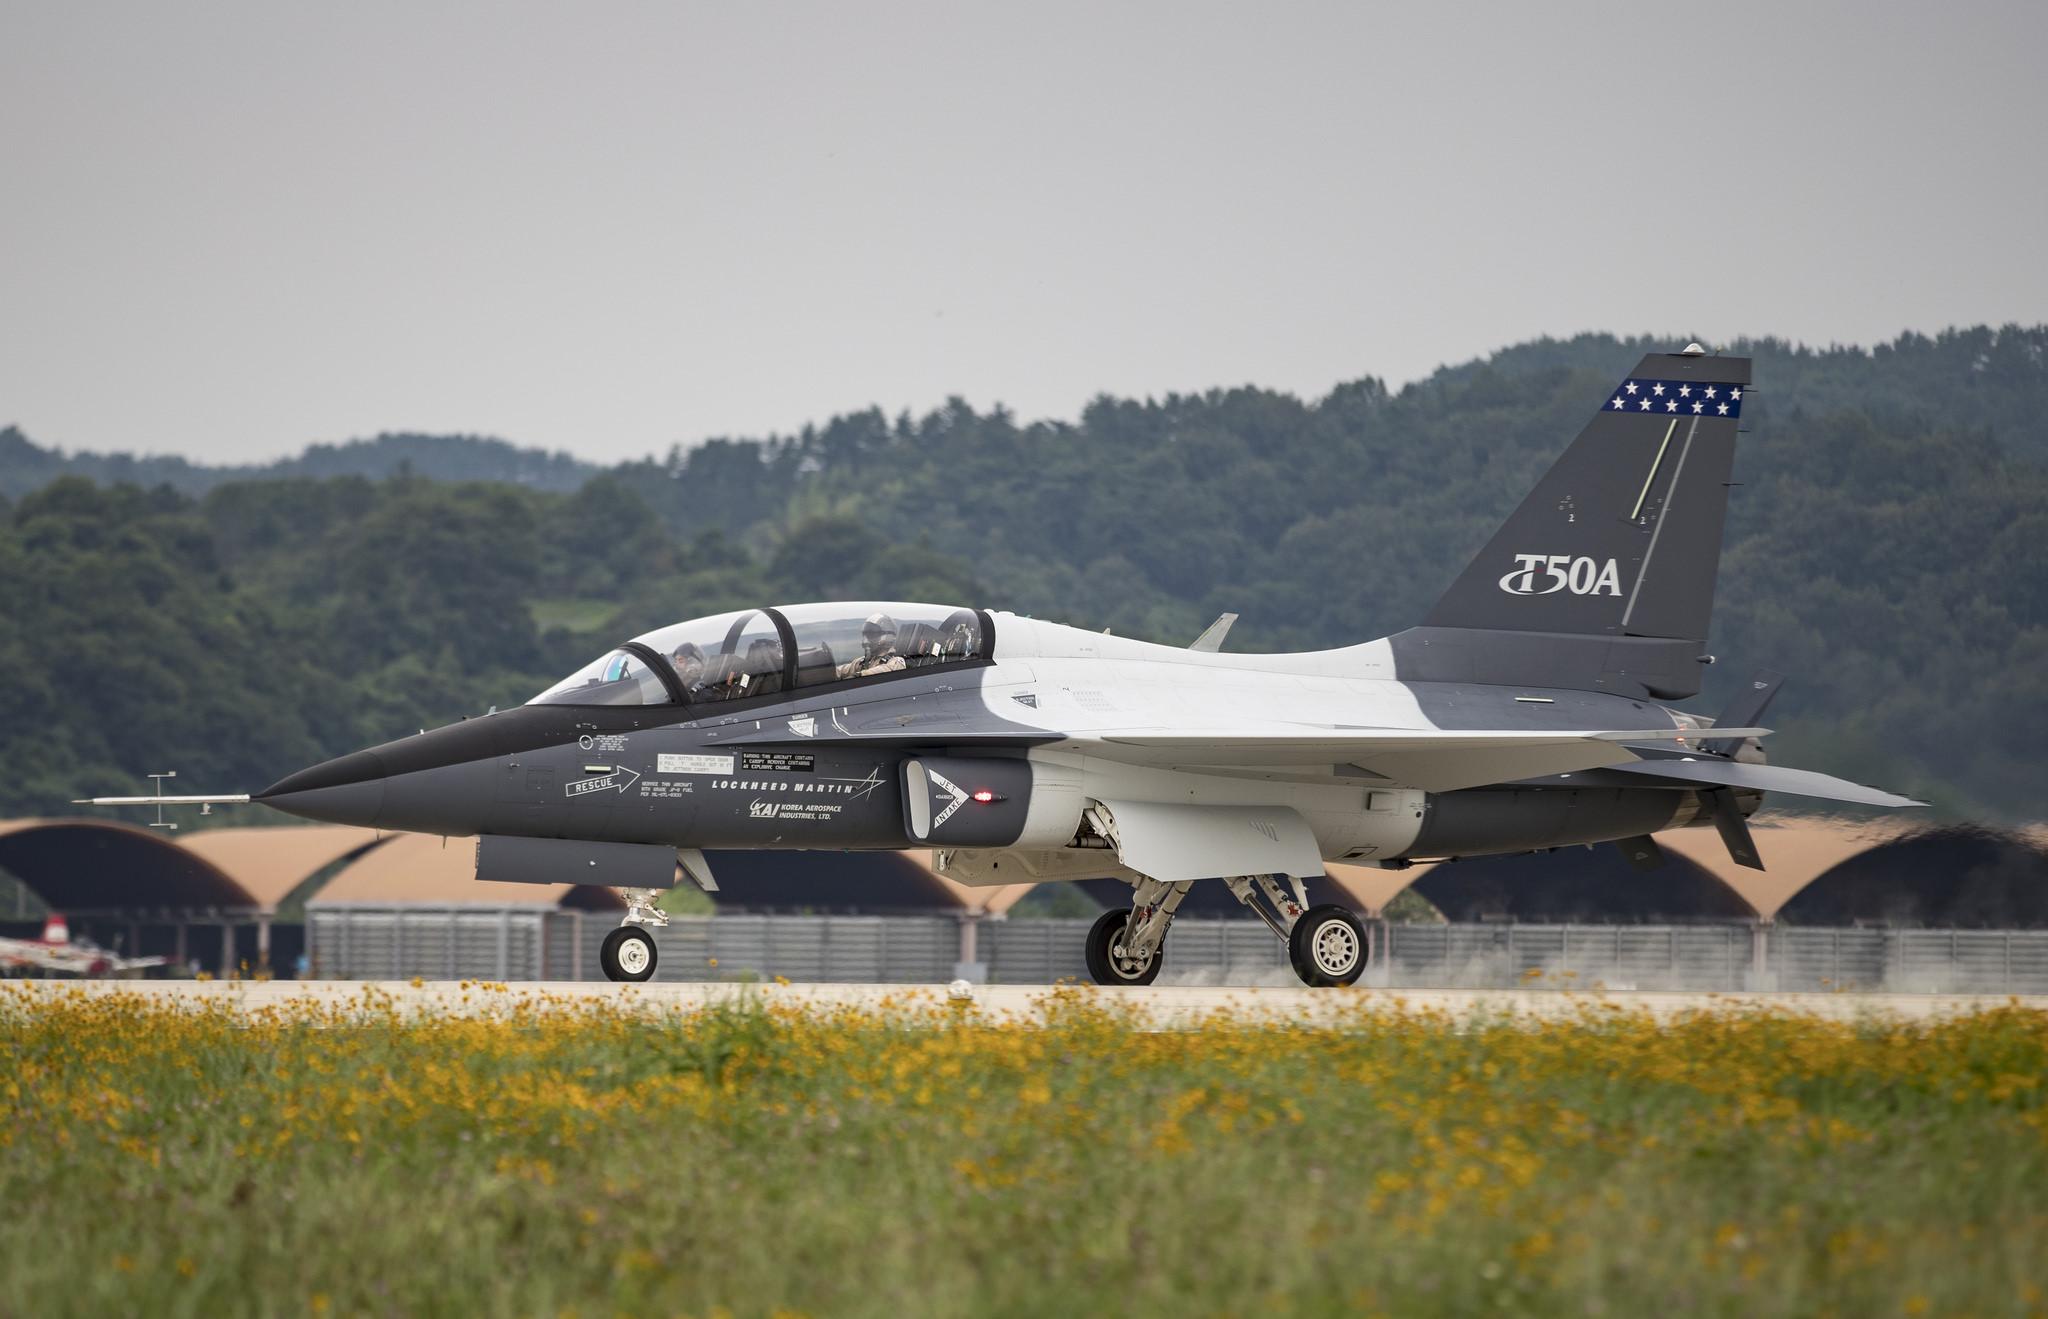 Le deuxième T-X qui participera aux essais en vol n'est pas équipé du carénage dorsal, ce qui devrait améliorer ses performances globales. Dans le cadre d'une offre globale de systèmes et de services, Lockheed Martin peut très bien proposer qu'une partie seulement des appareils servent au ravitaillement en vol, l'appel d'offre T-X laissant ainsi une certaine souplesse aux candidats. (© Lockheed Martin)